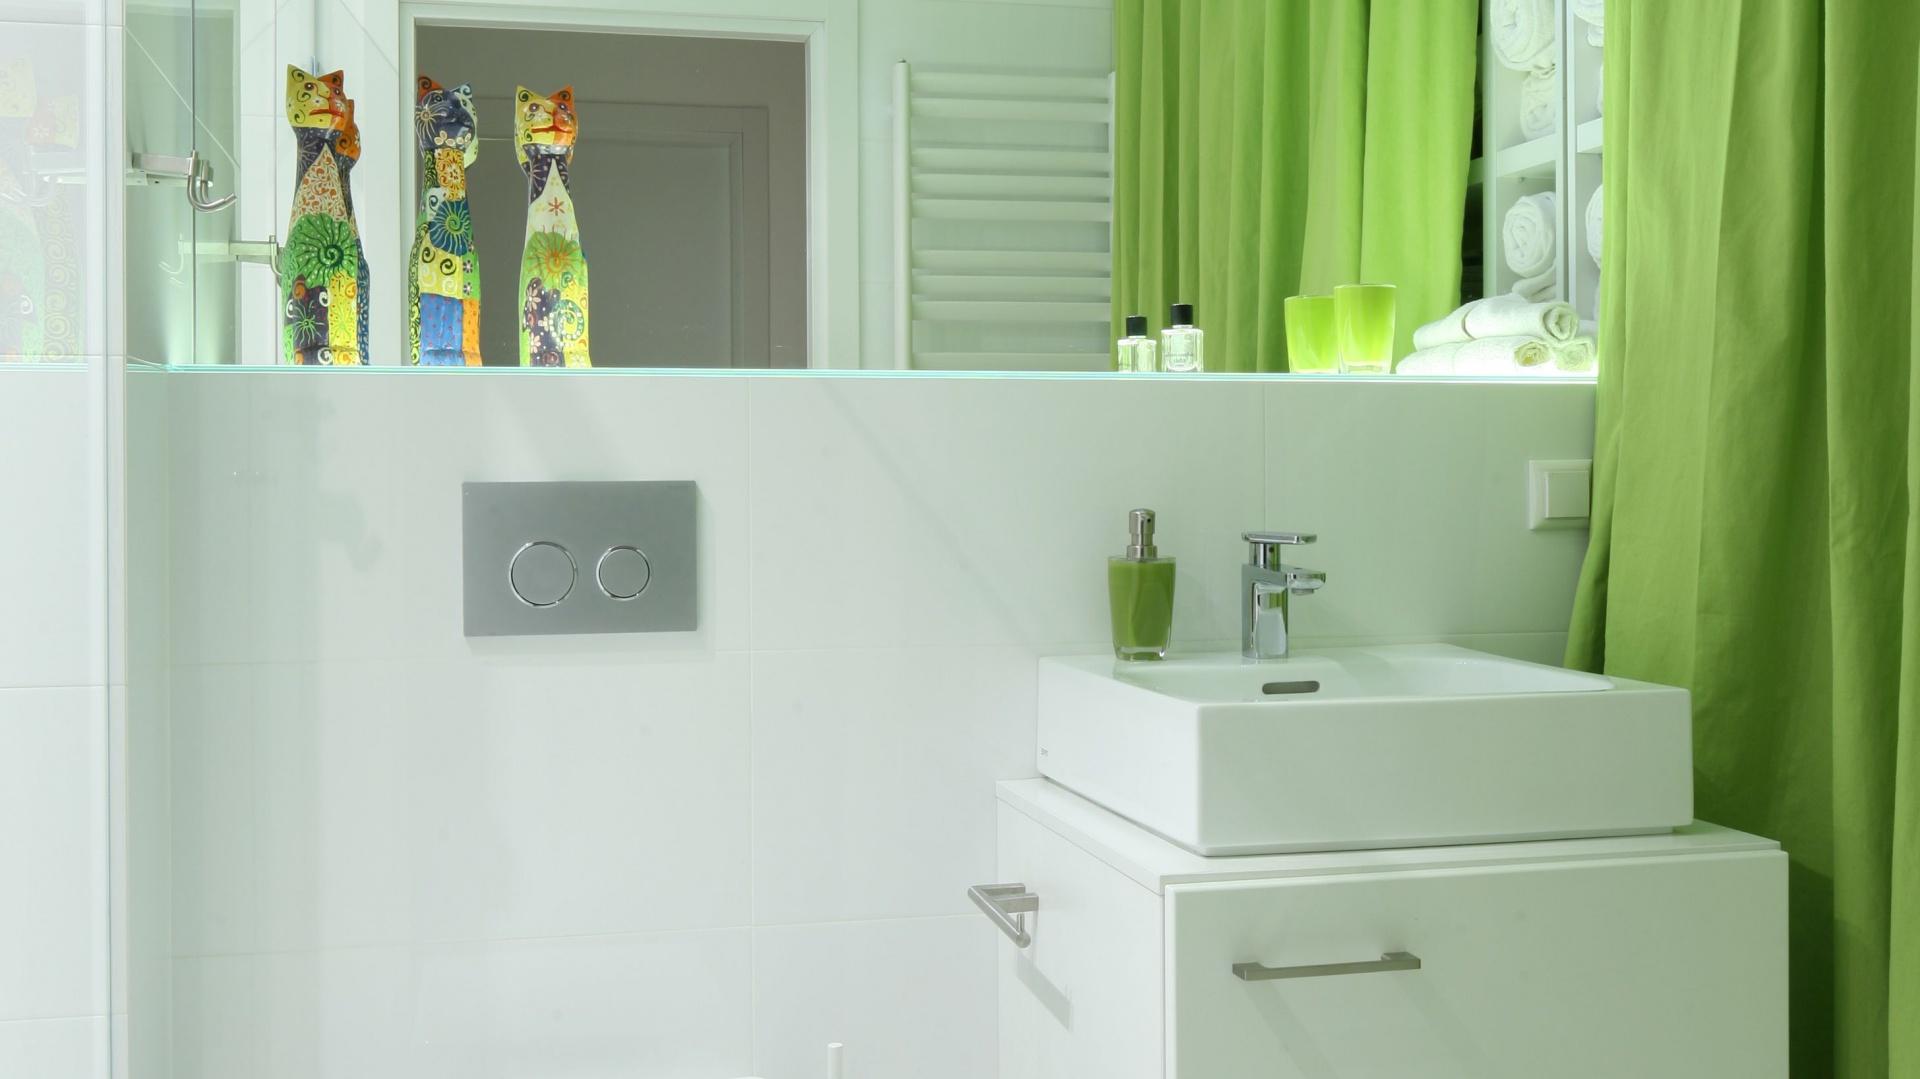 Proste, geometryczne formy umywalki i szafki dobrze wpisują się w minimalistyczną koncepcję aranżacji wnętrza. Fot. Bartosz Jarosz.